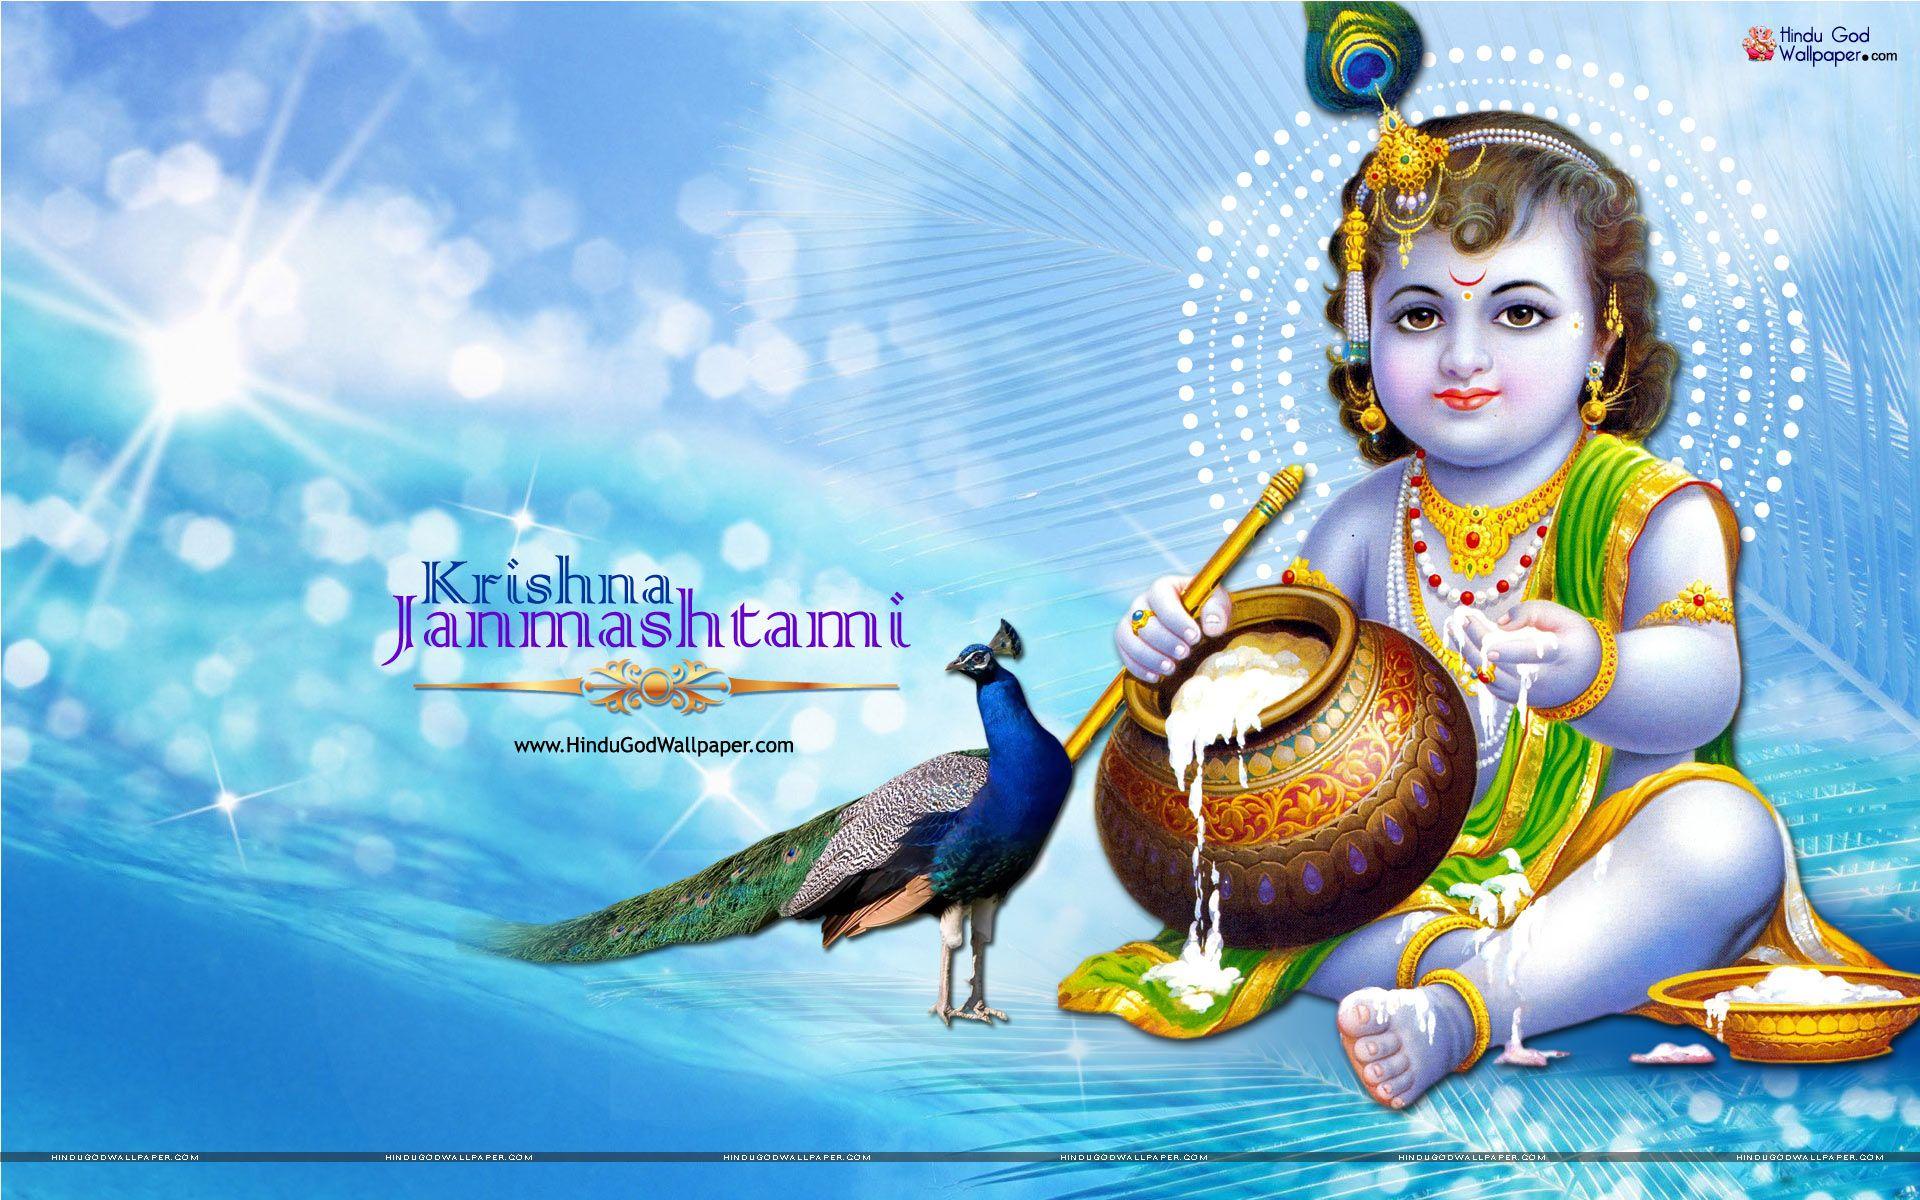 Krishna Janmashtami Animation Wallpaper Download Happy Janmashtami Image Lord Krishna Wallpapers Janmashtami Wishes